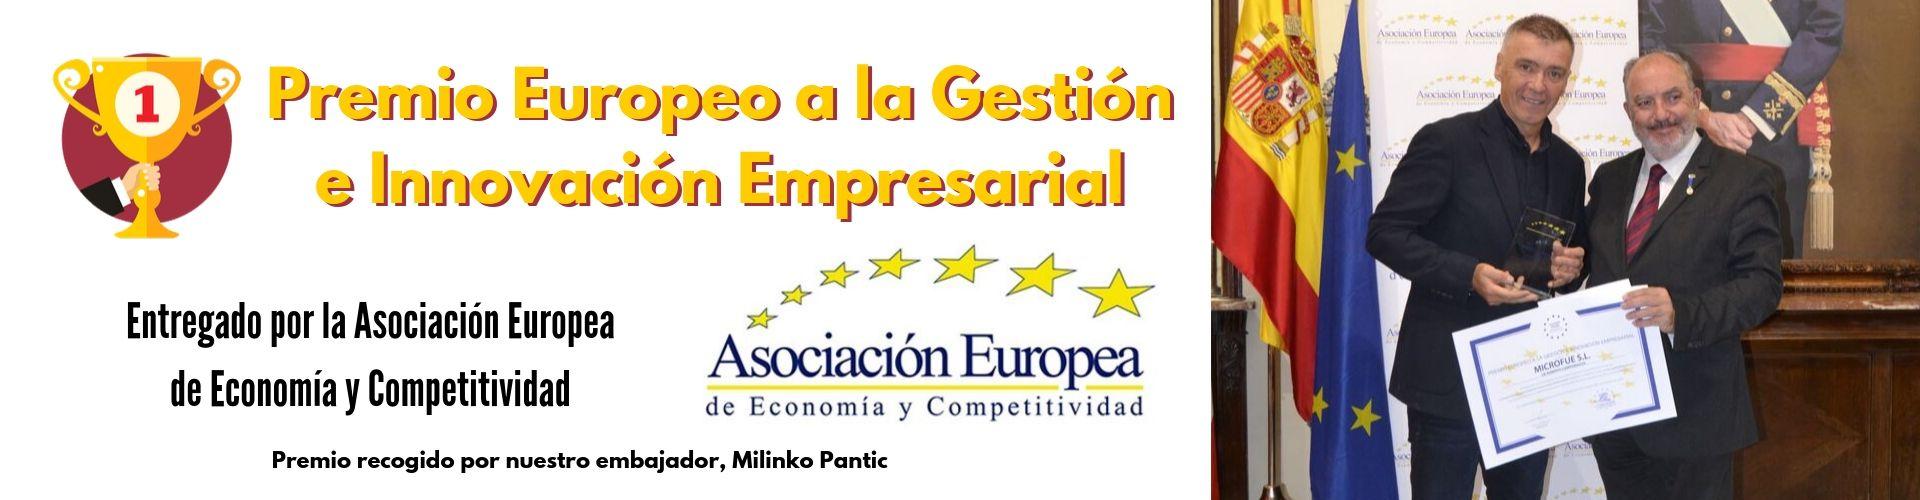 Premio europeo a la gestión e innovación empresarial recogido por microfue